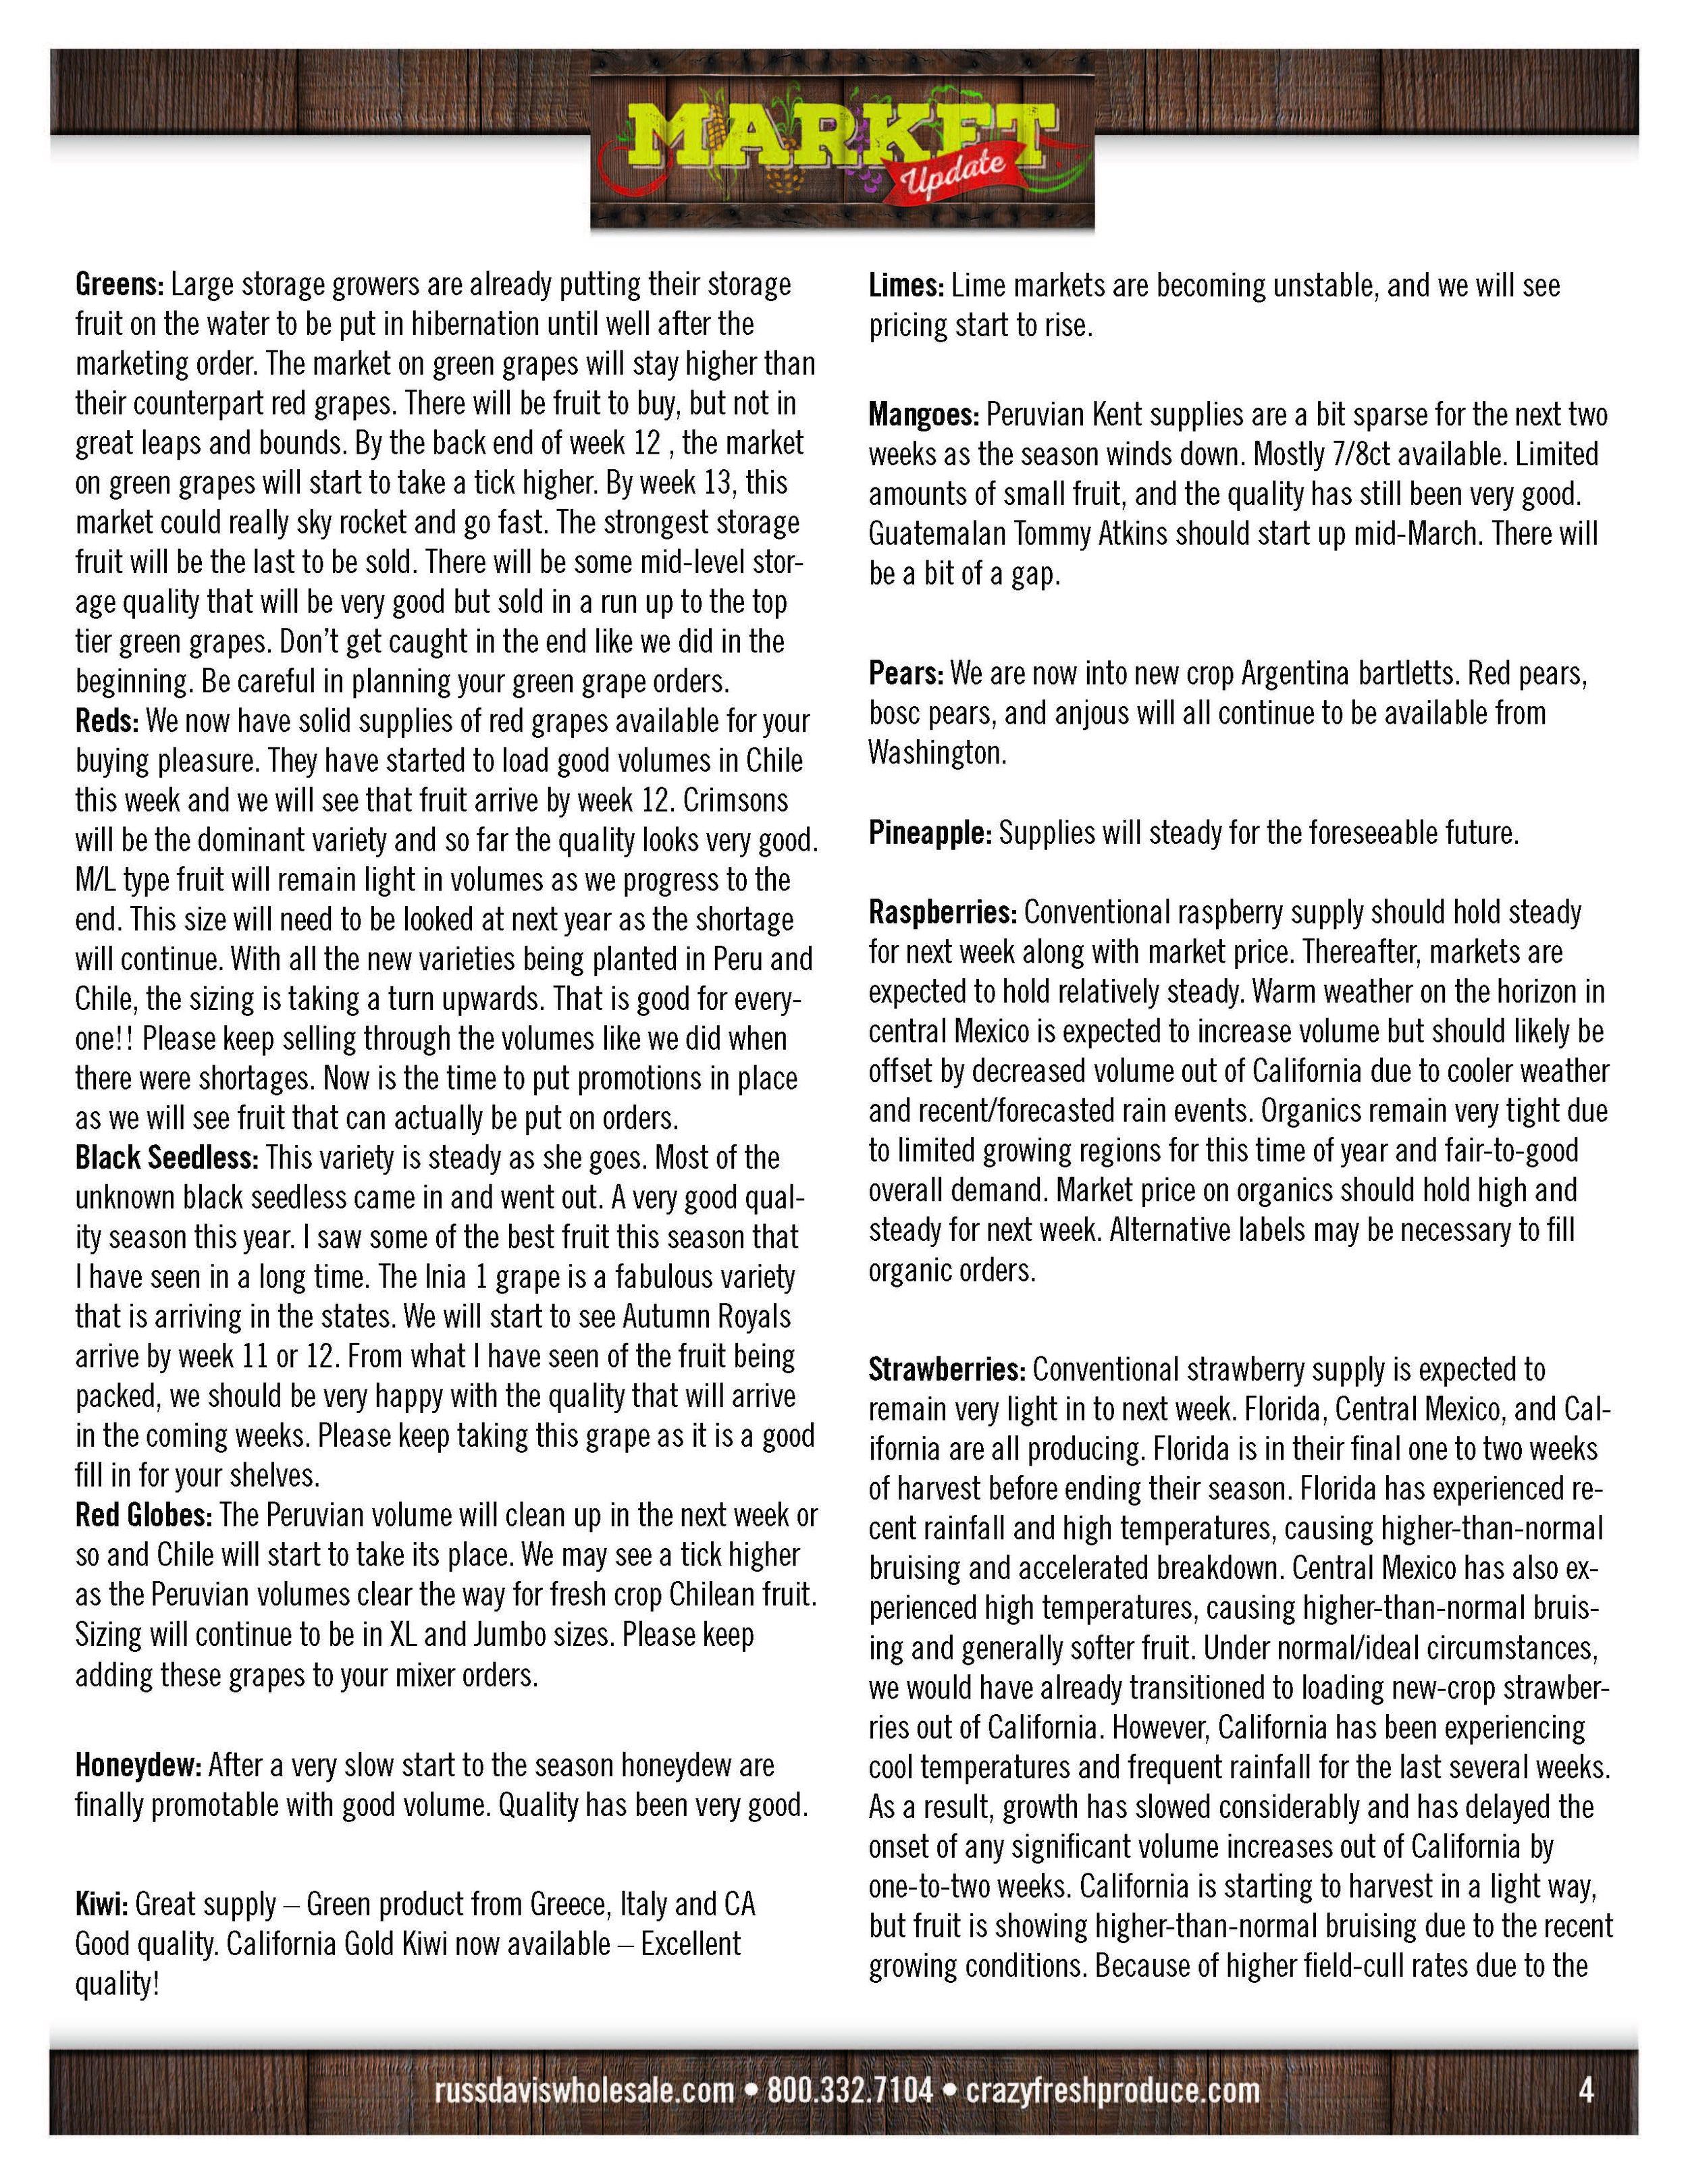 RDW_Market_Update_Mar14_19_Page_4.jpg